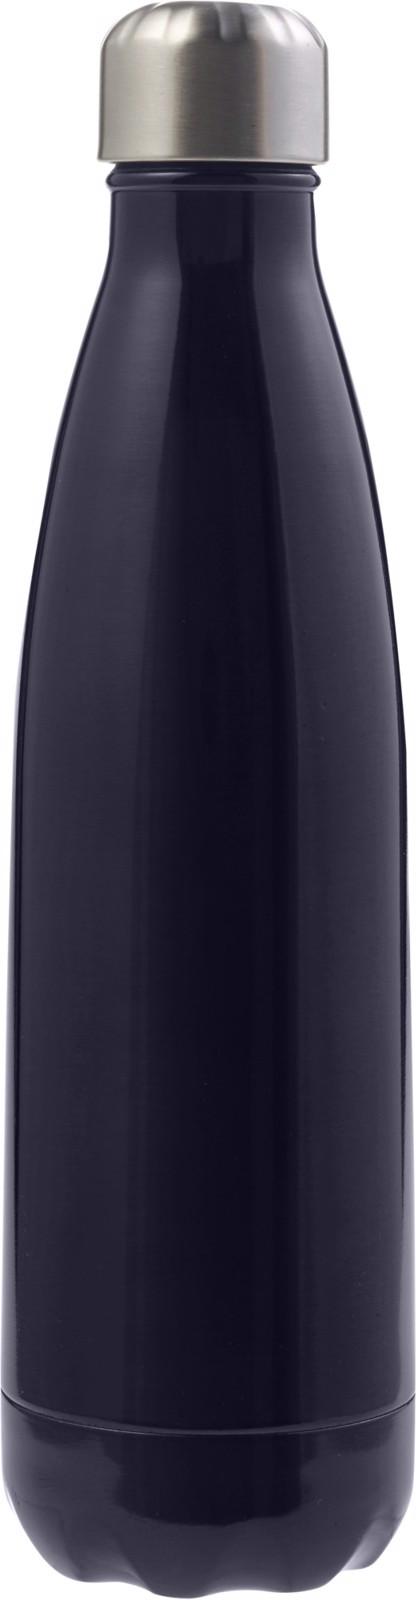 Stainless steel bottle (650 ml) - Blue